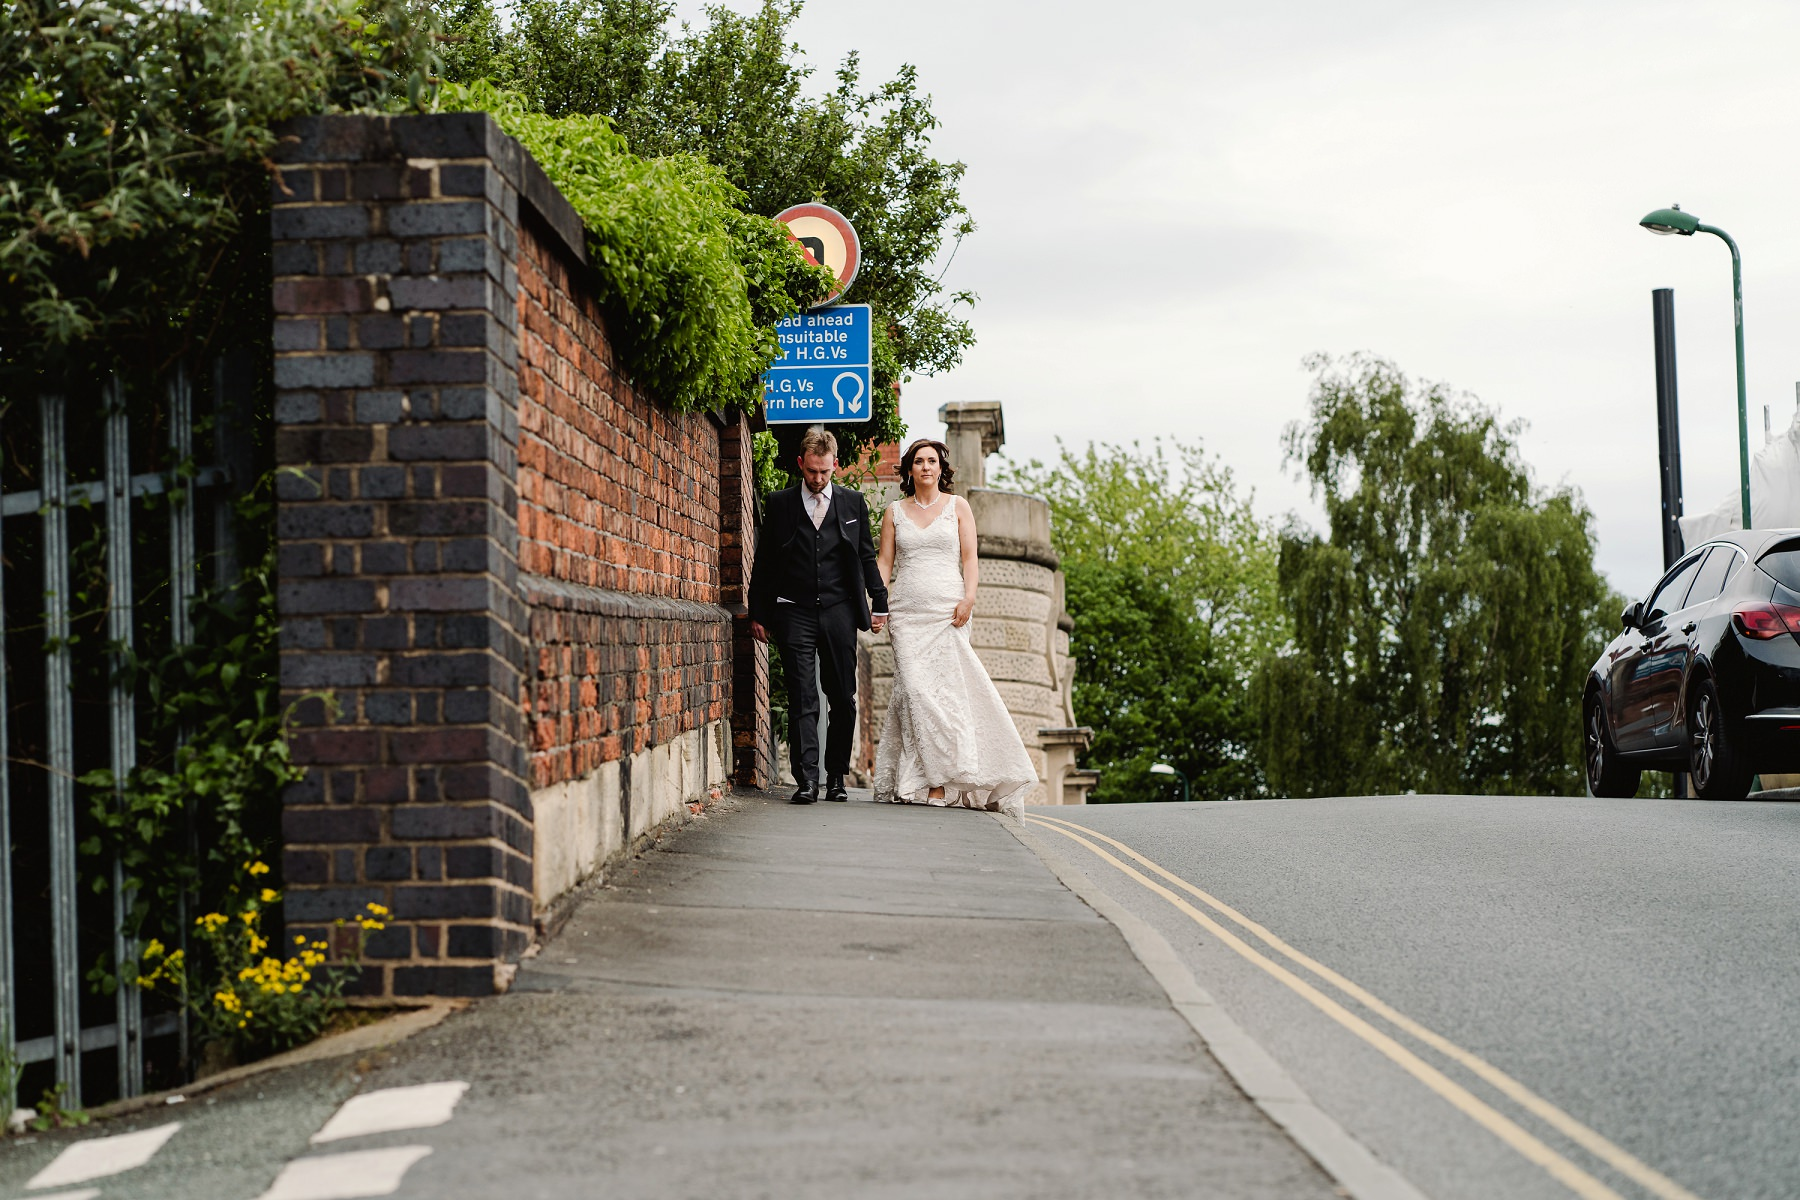 emma_steffan_wedding_buttermarket_0255.jpg